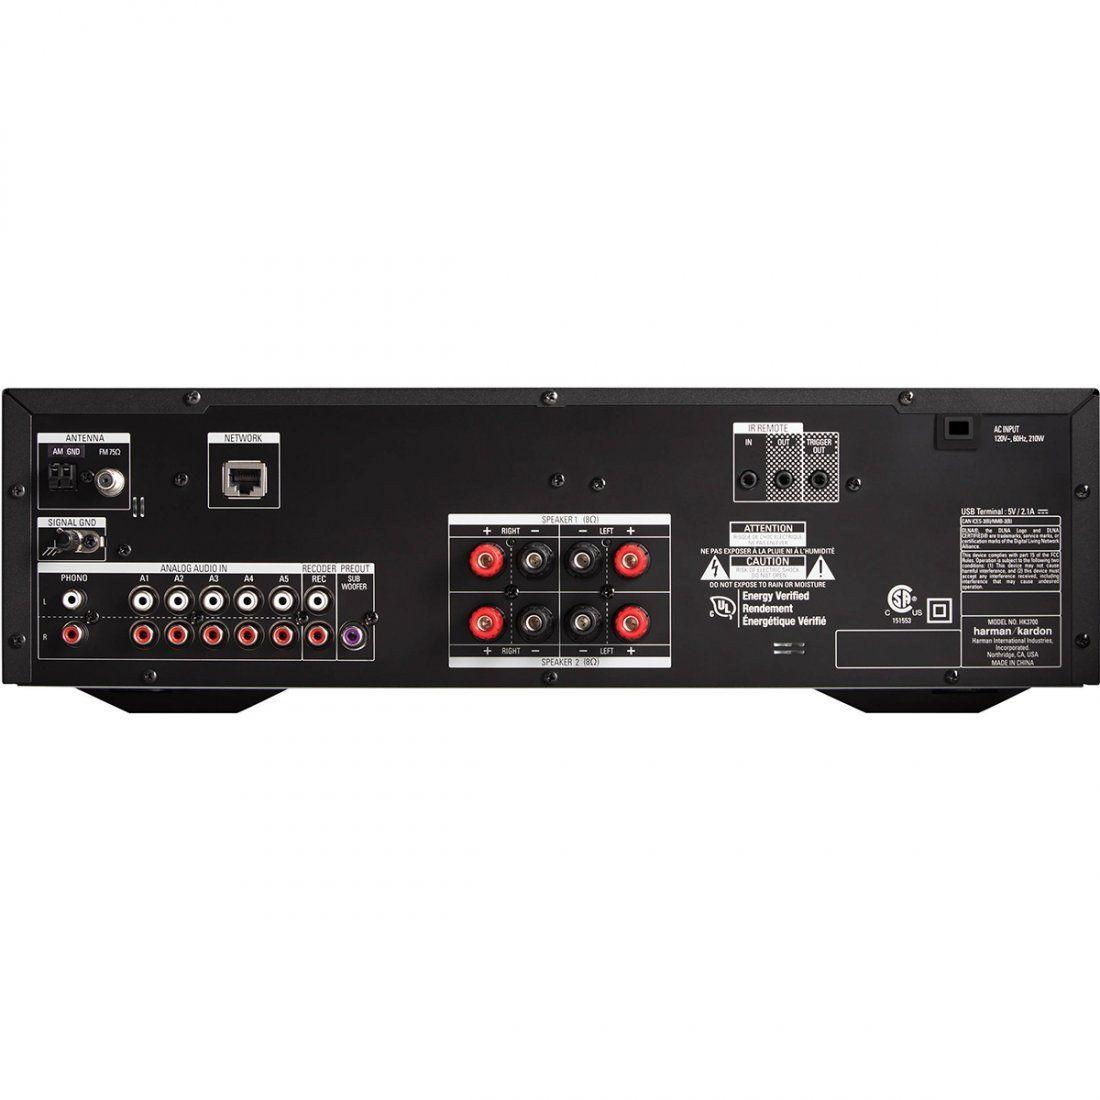 Harman Kardon HK-3700 Receptor Estéreo Receiver para Sistema de Áudio Doméstico